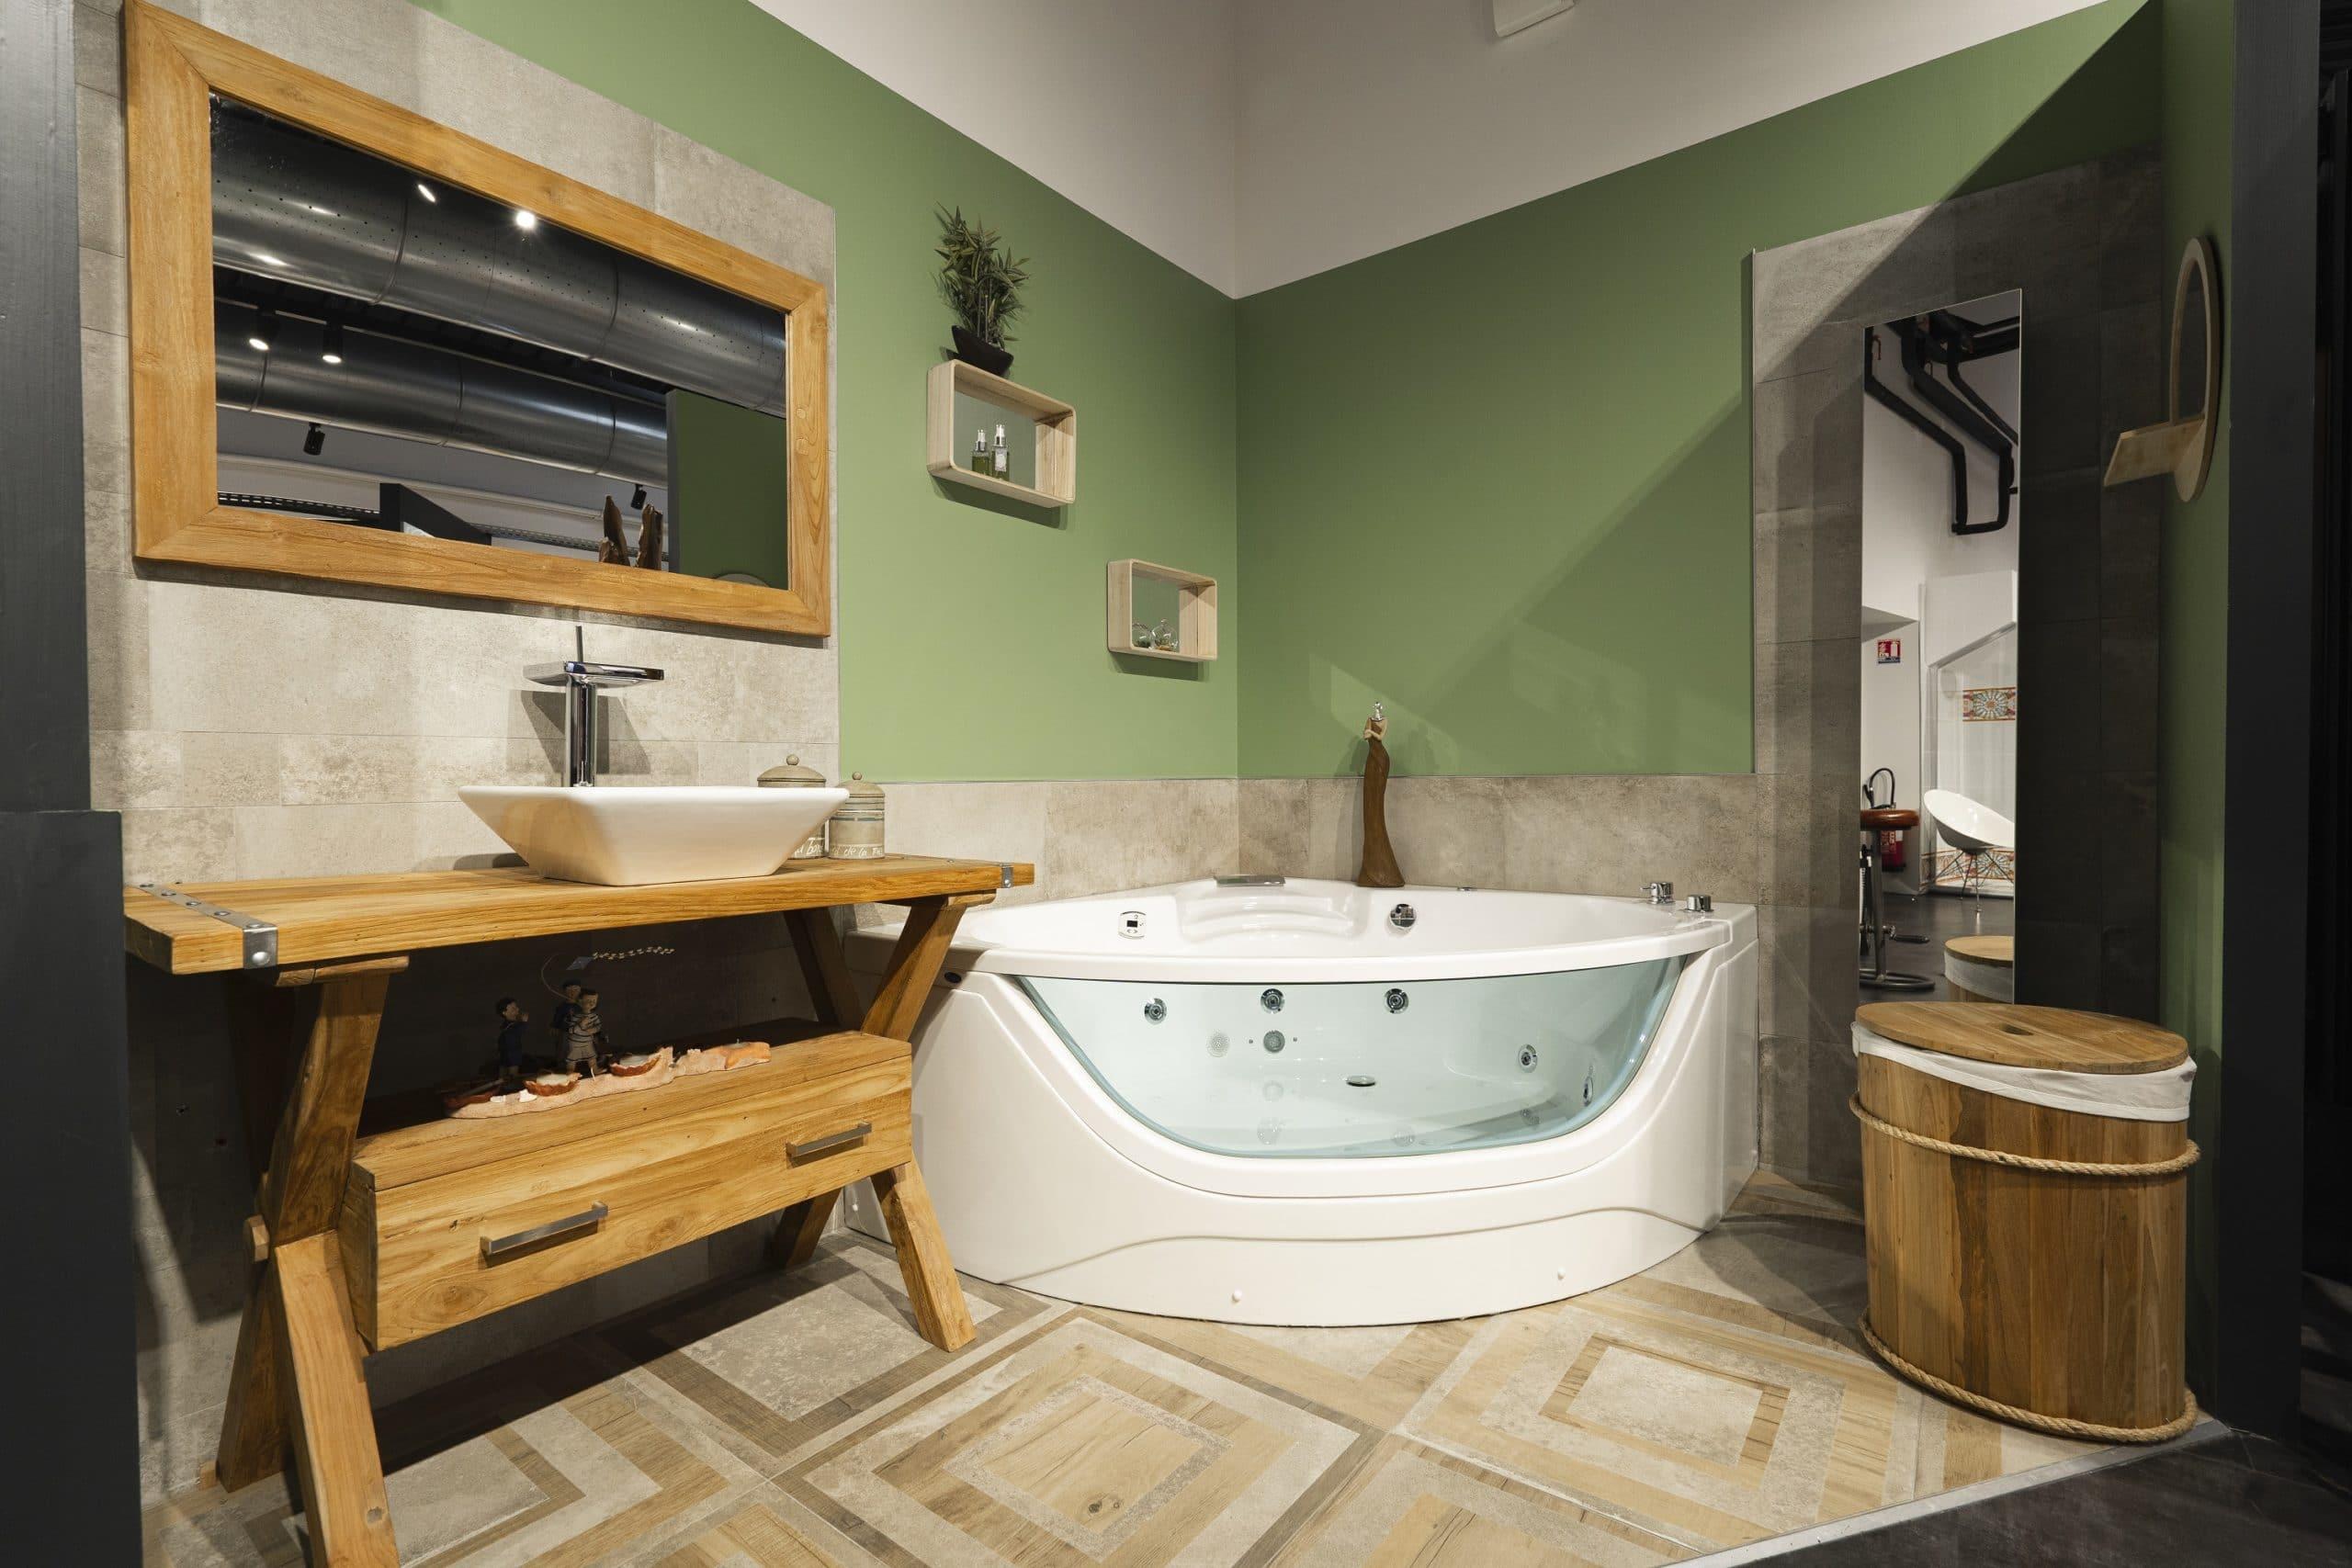 salle-de-bain-campagne-chic-partedis